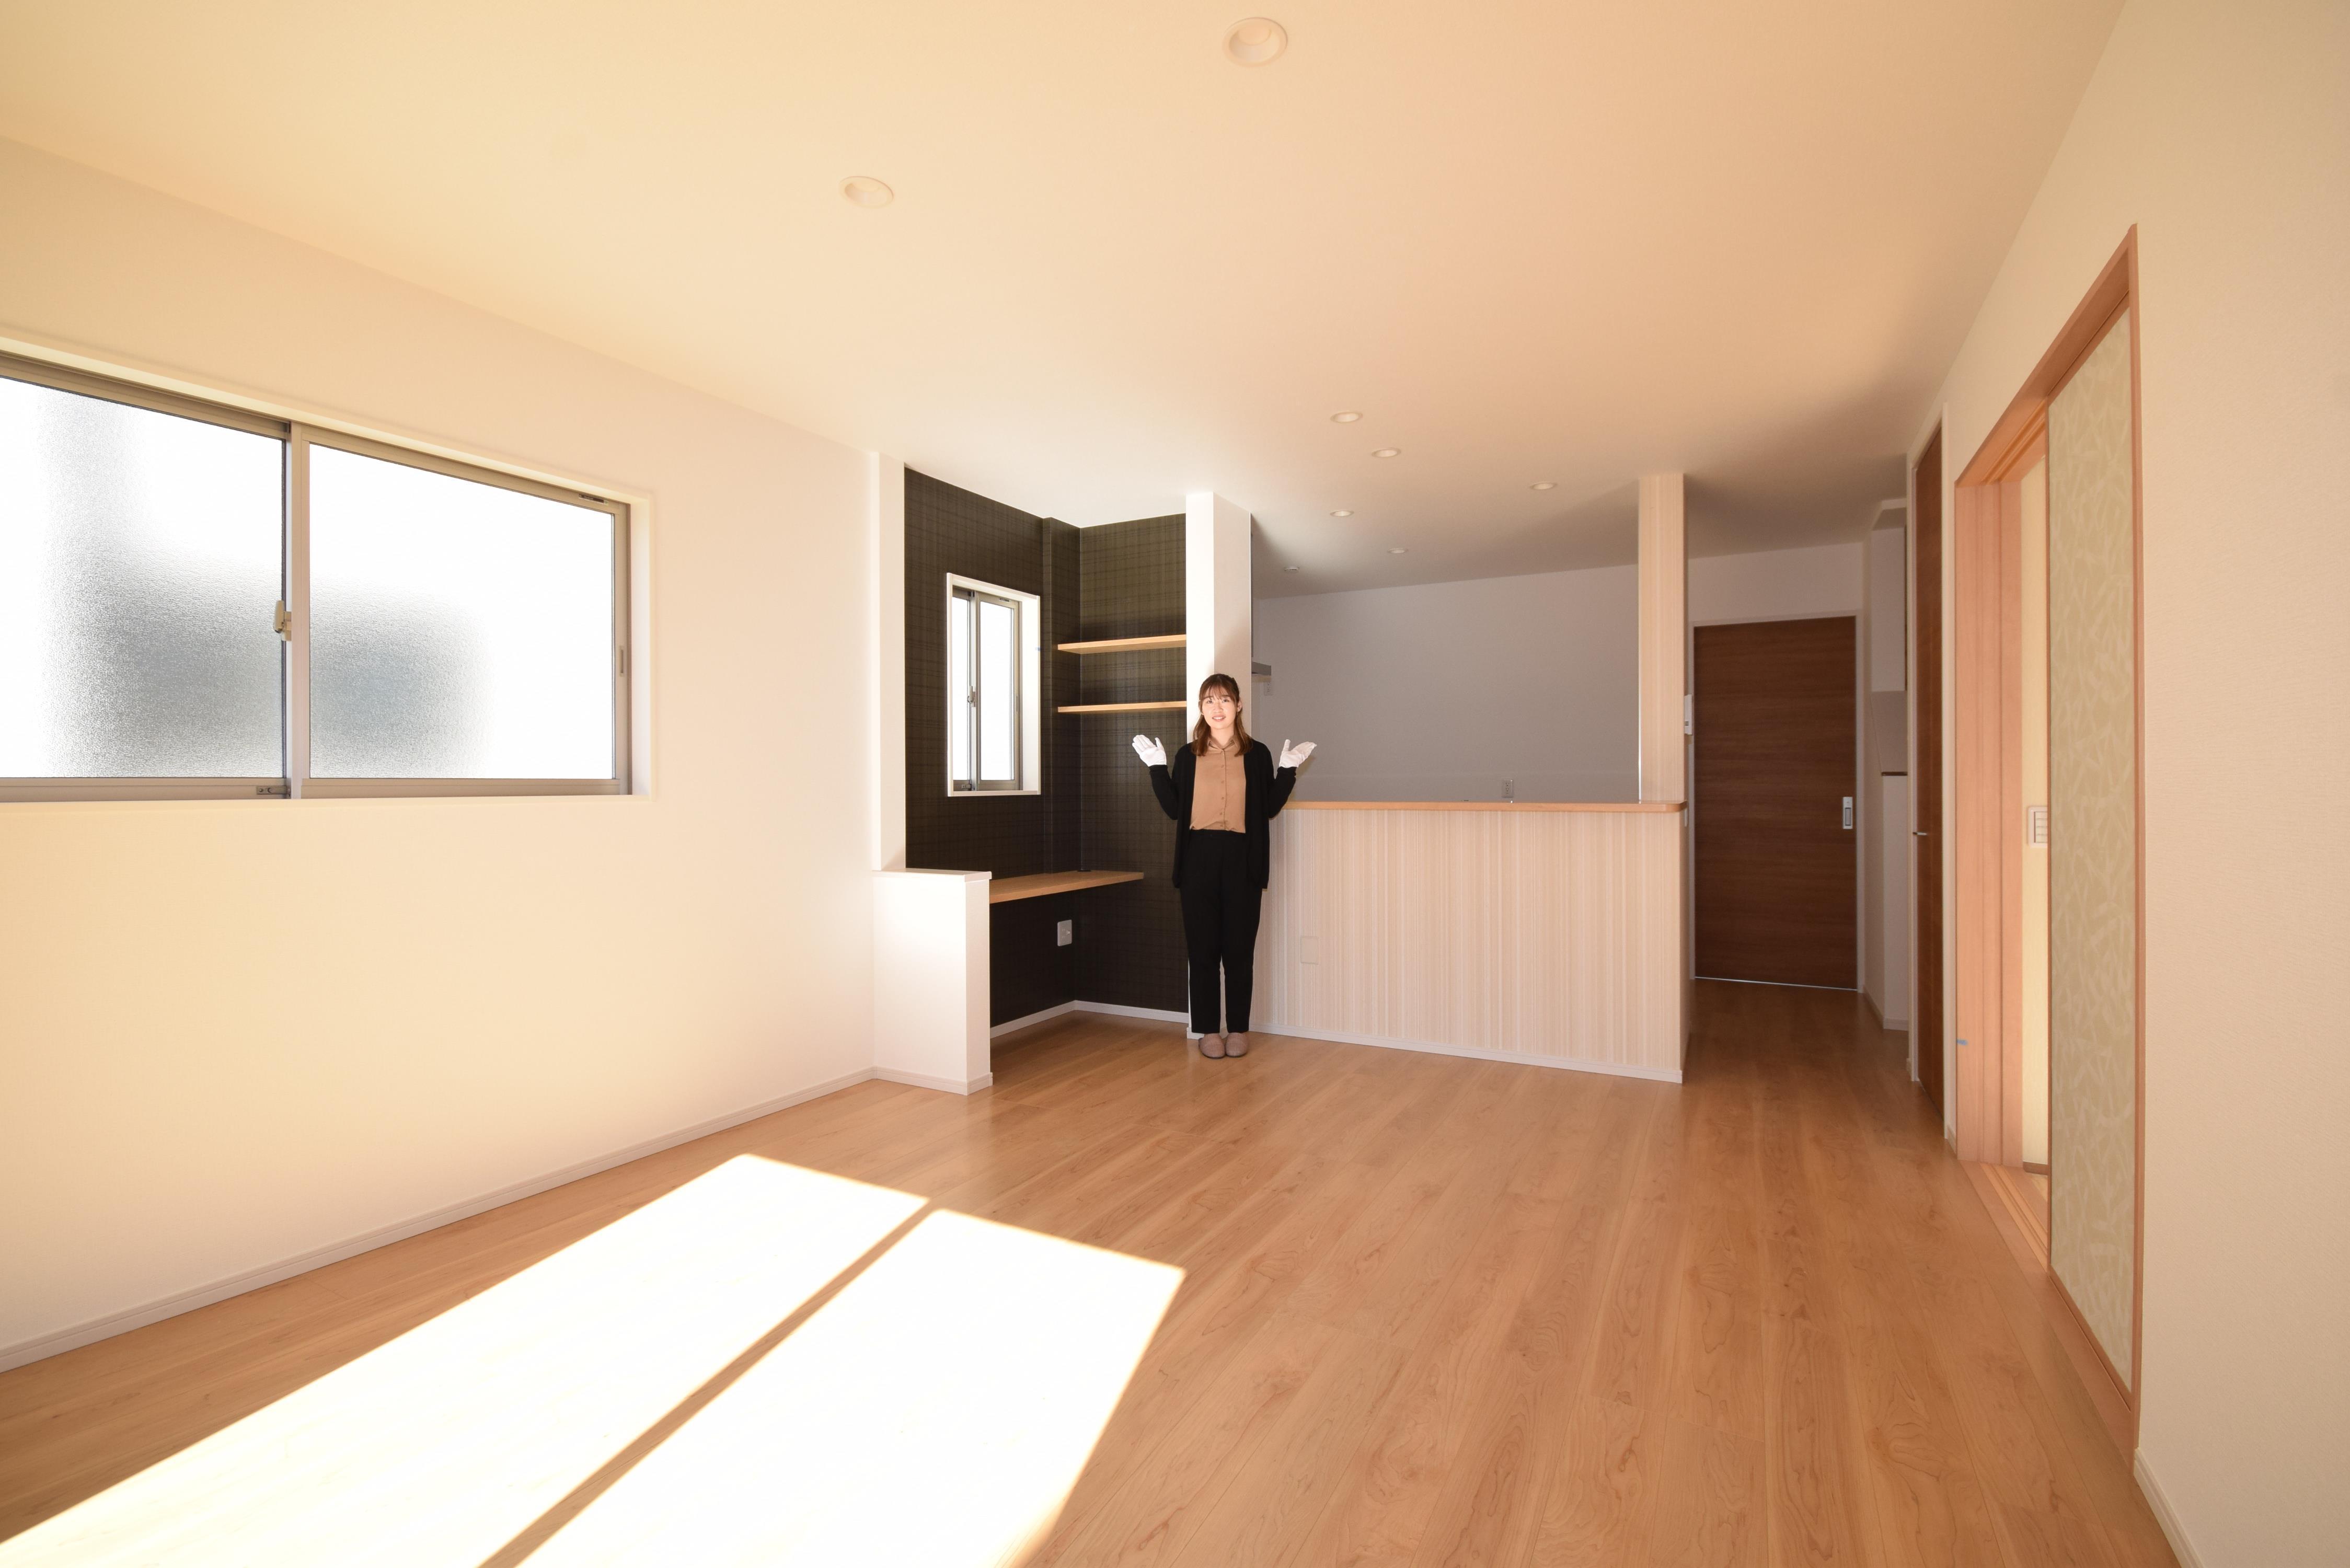 お隣の和室と合わせると23帖の大空間!和室と続き間のリビングです。戸を開けることでより開放的な空間になります!